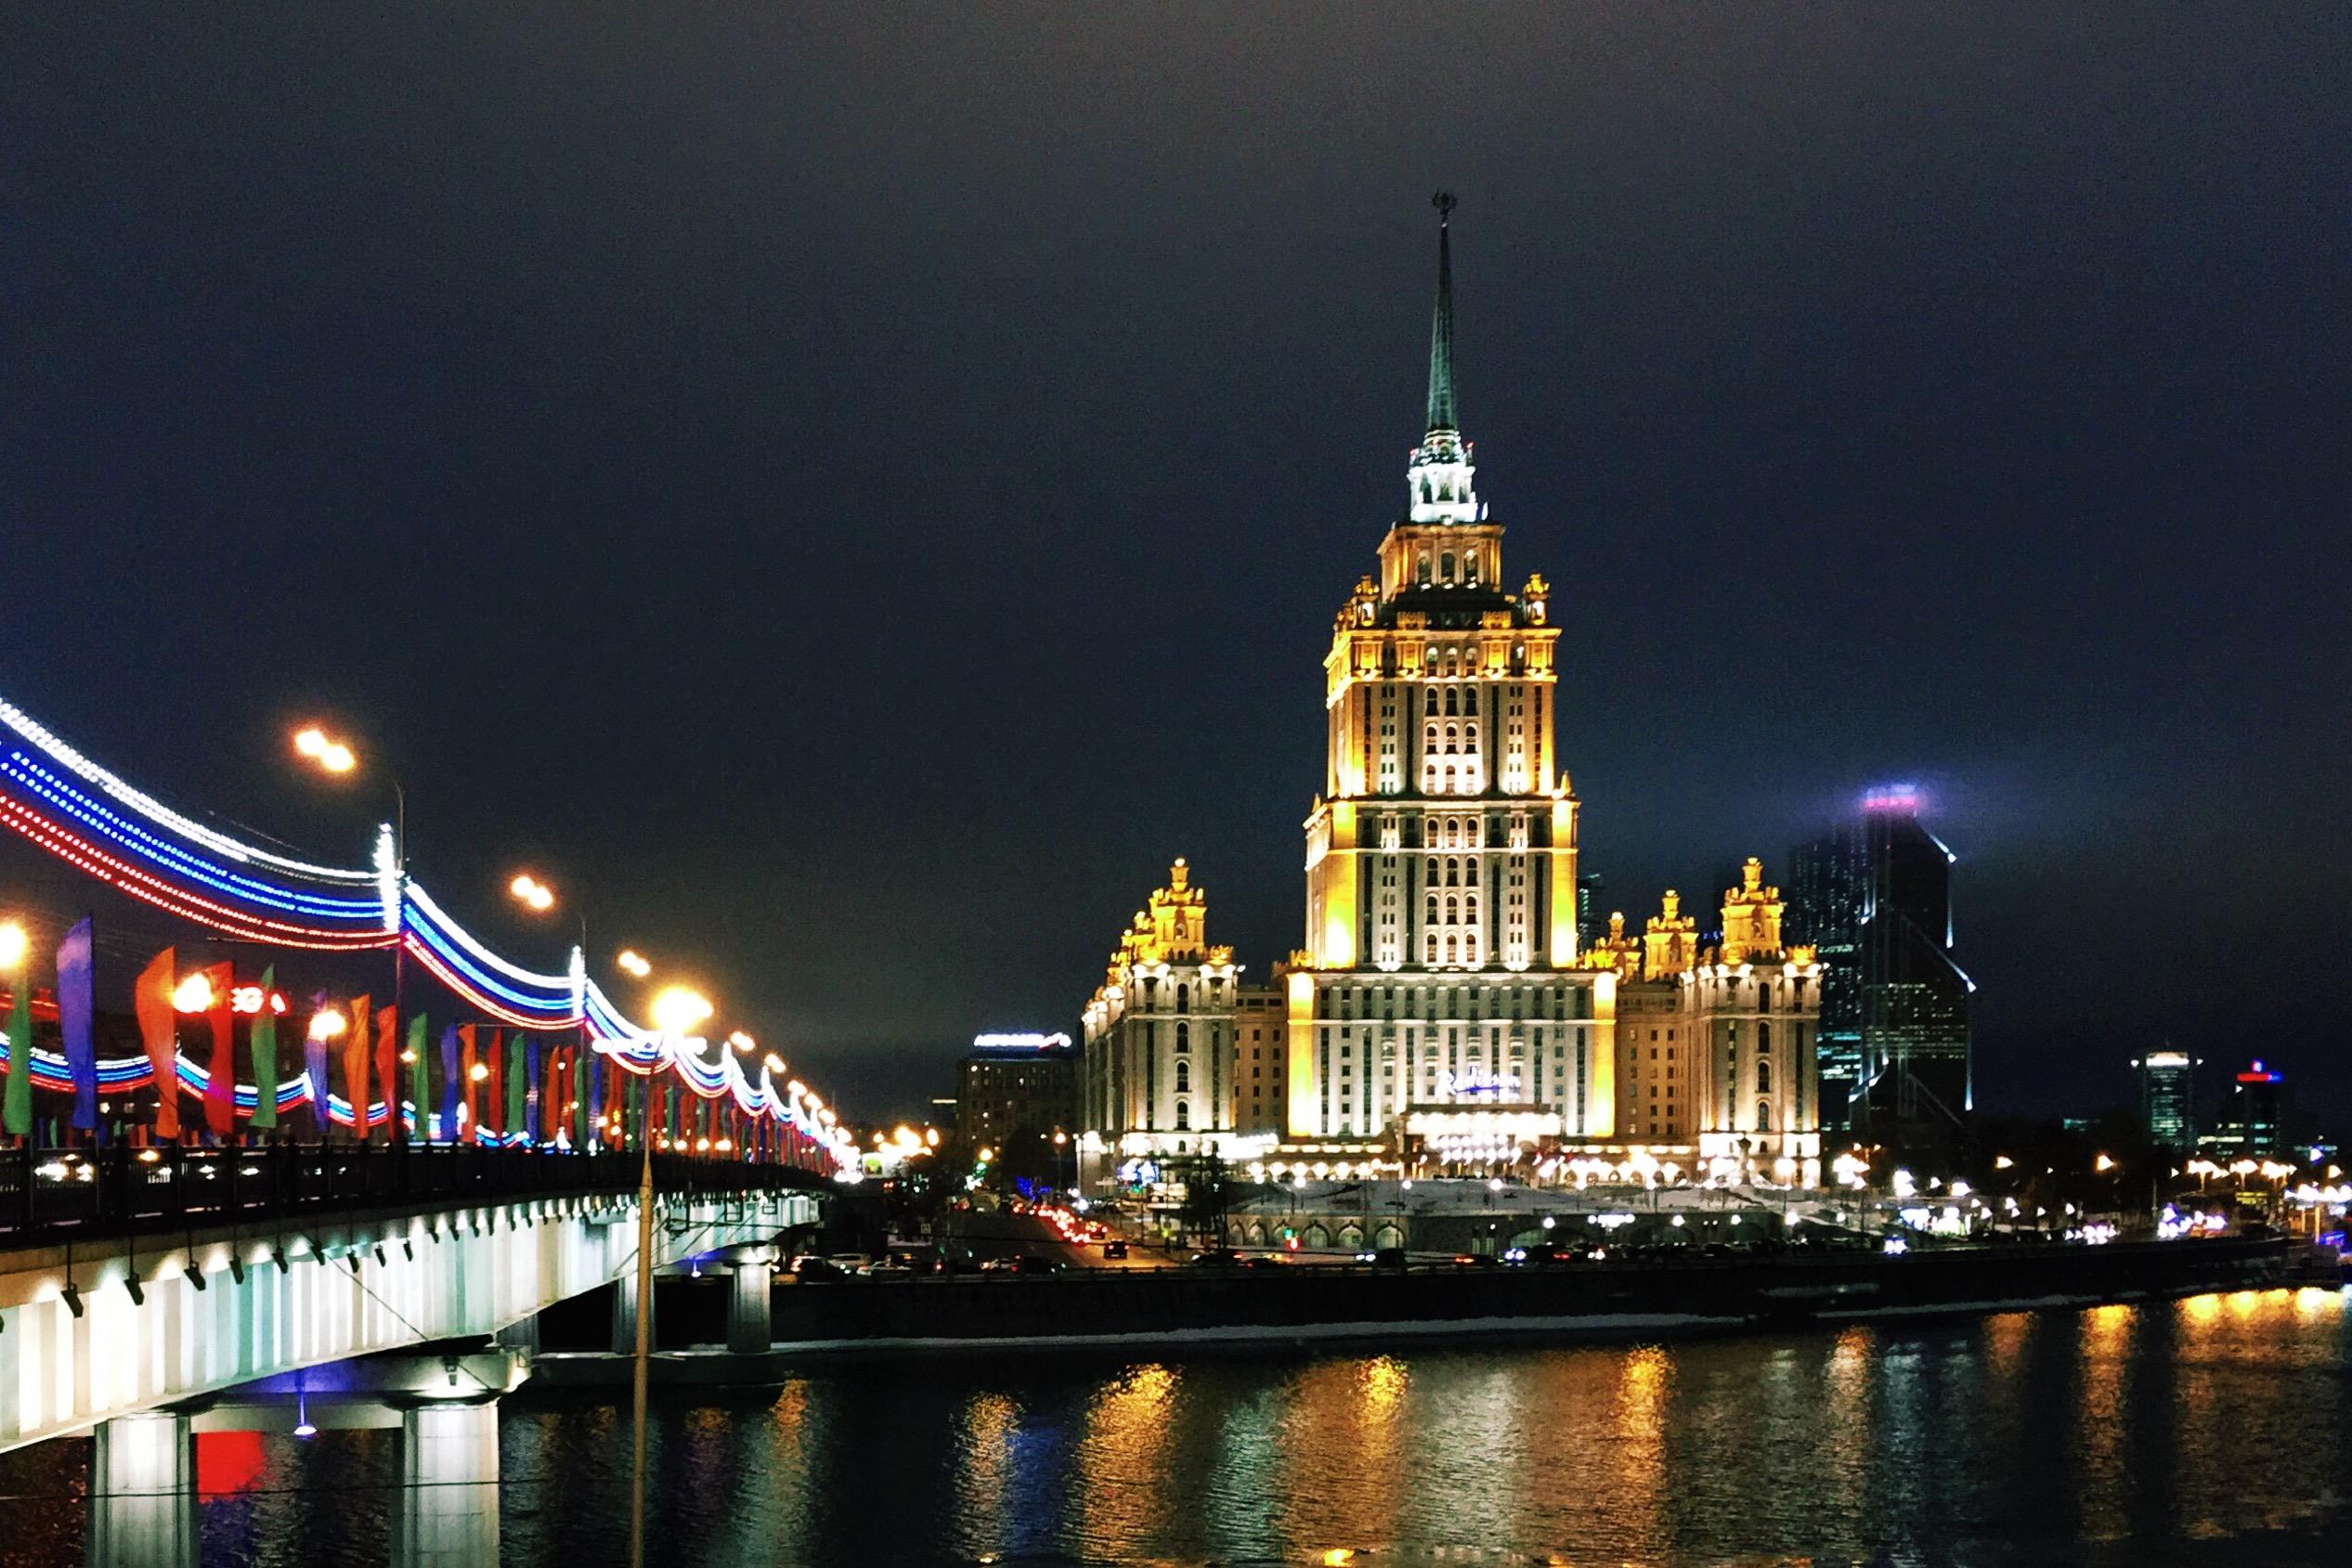 антресоль висит, владелец гостиницы украина в москве фото самом деле, малышева